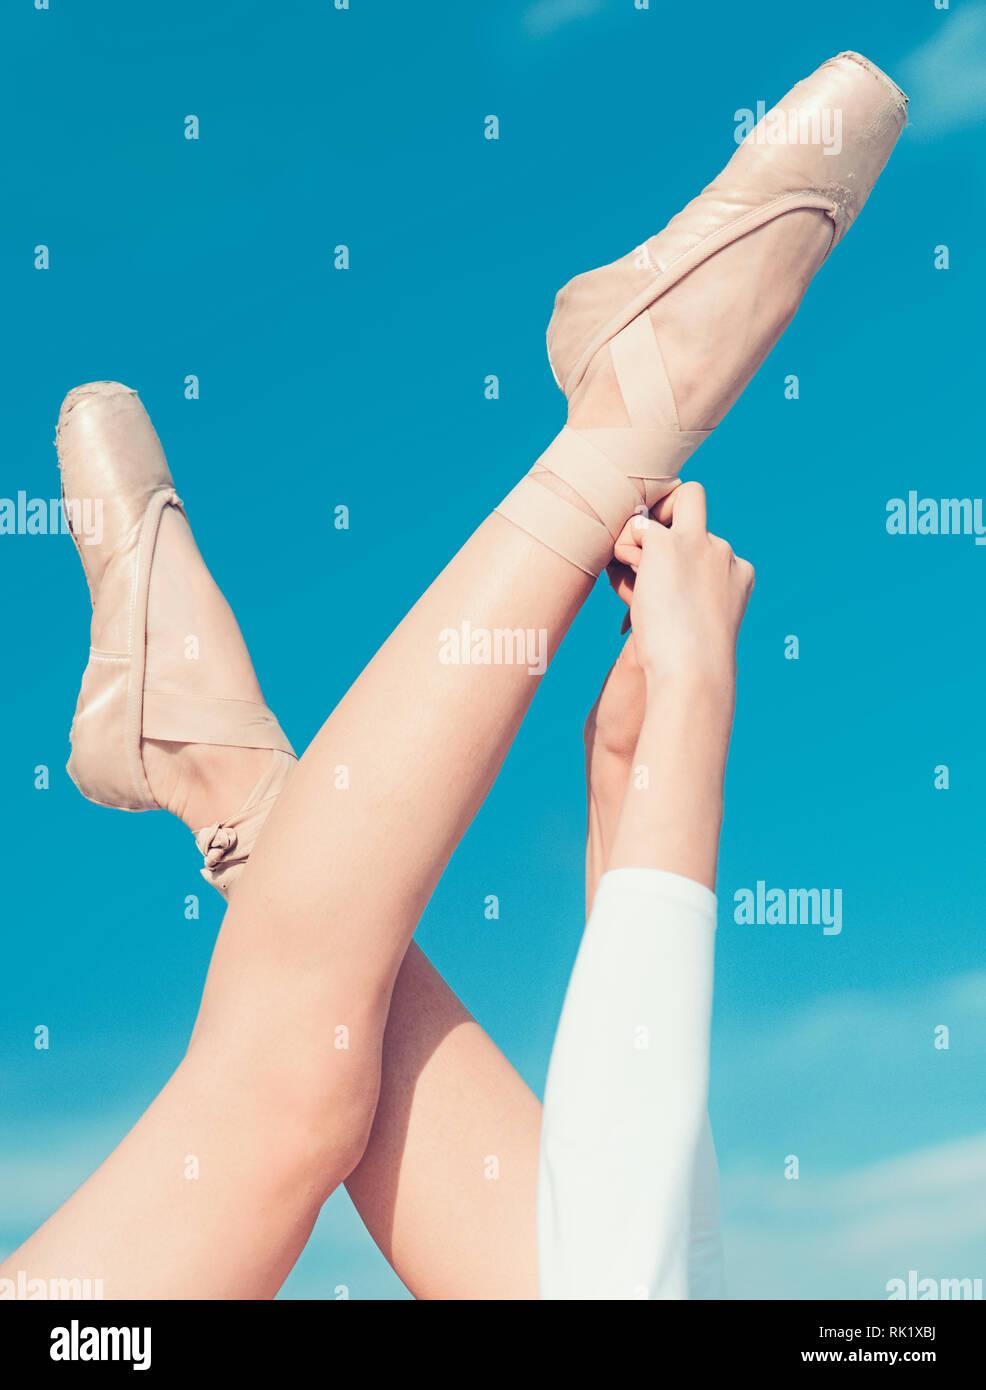 d92b841ff Worn In Ballet Shoes Imágenes De Stock & Worn In Ballet Shoes Fotos ...